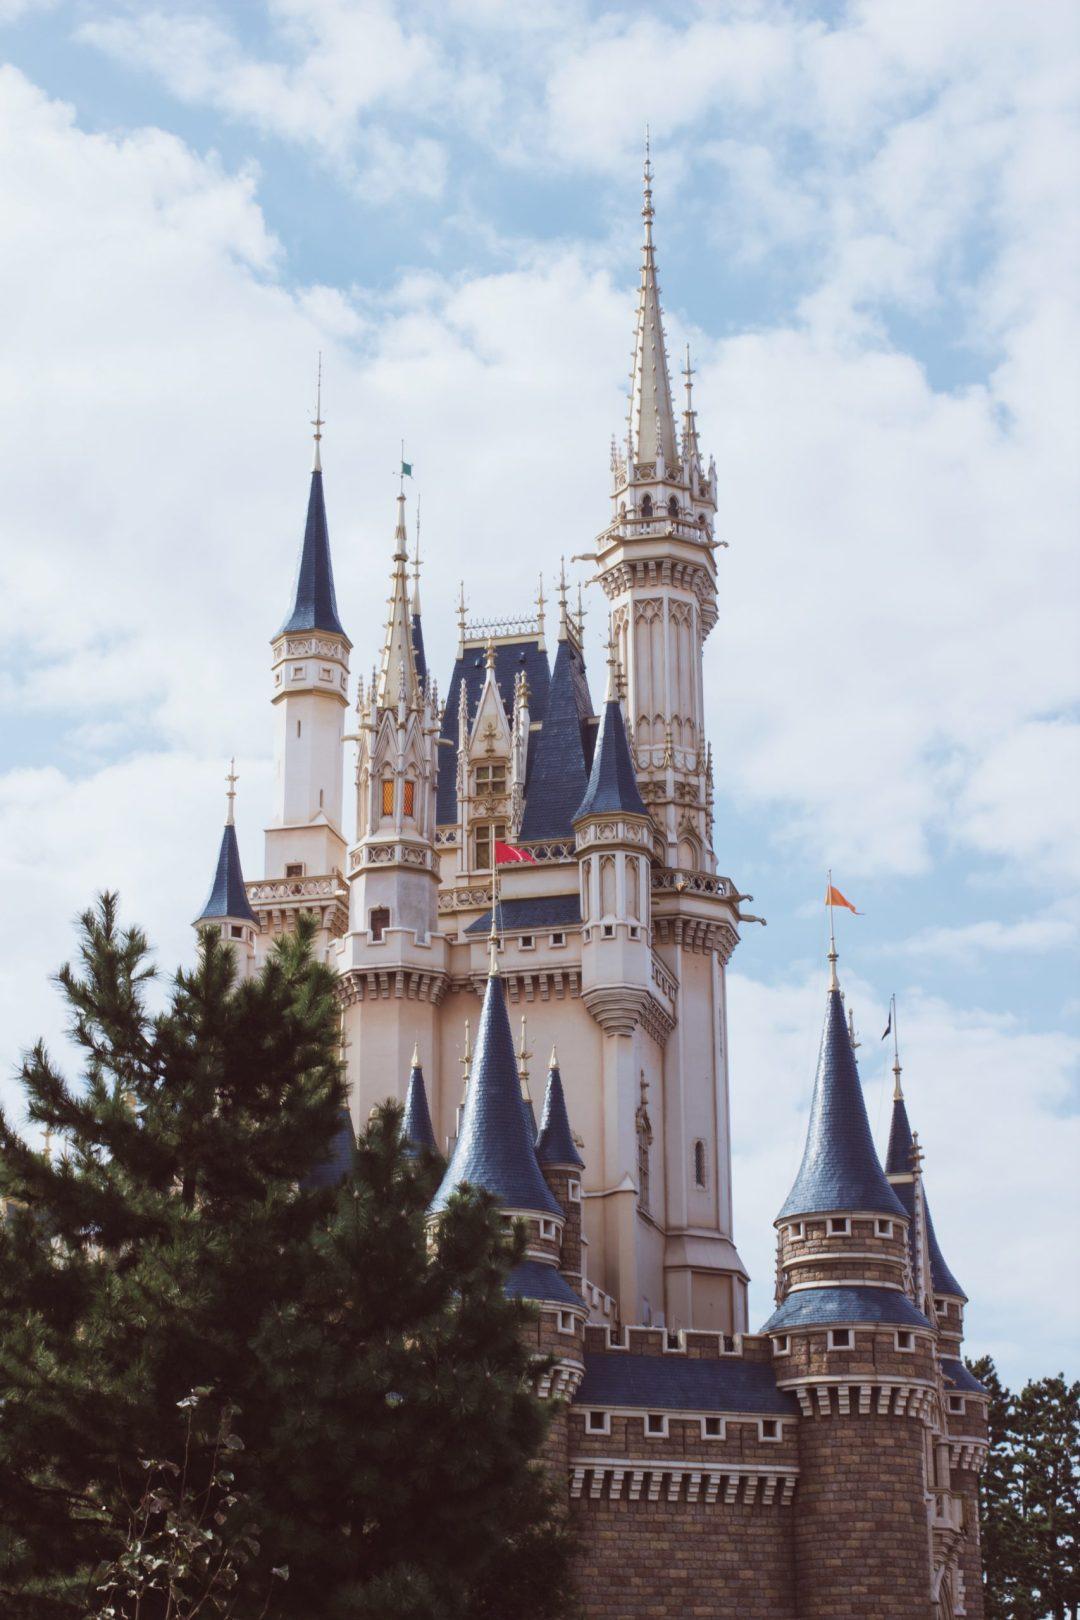 Cinderella's Castle at Disneyland Tokyo